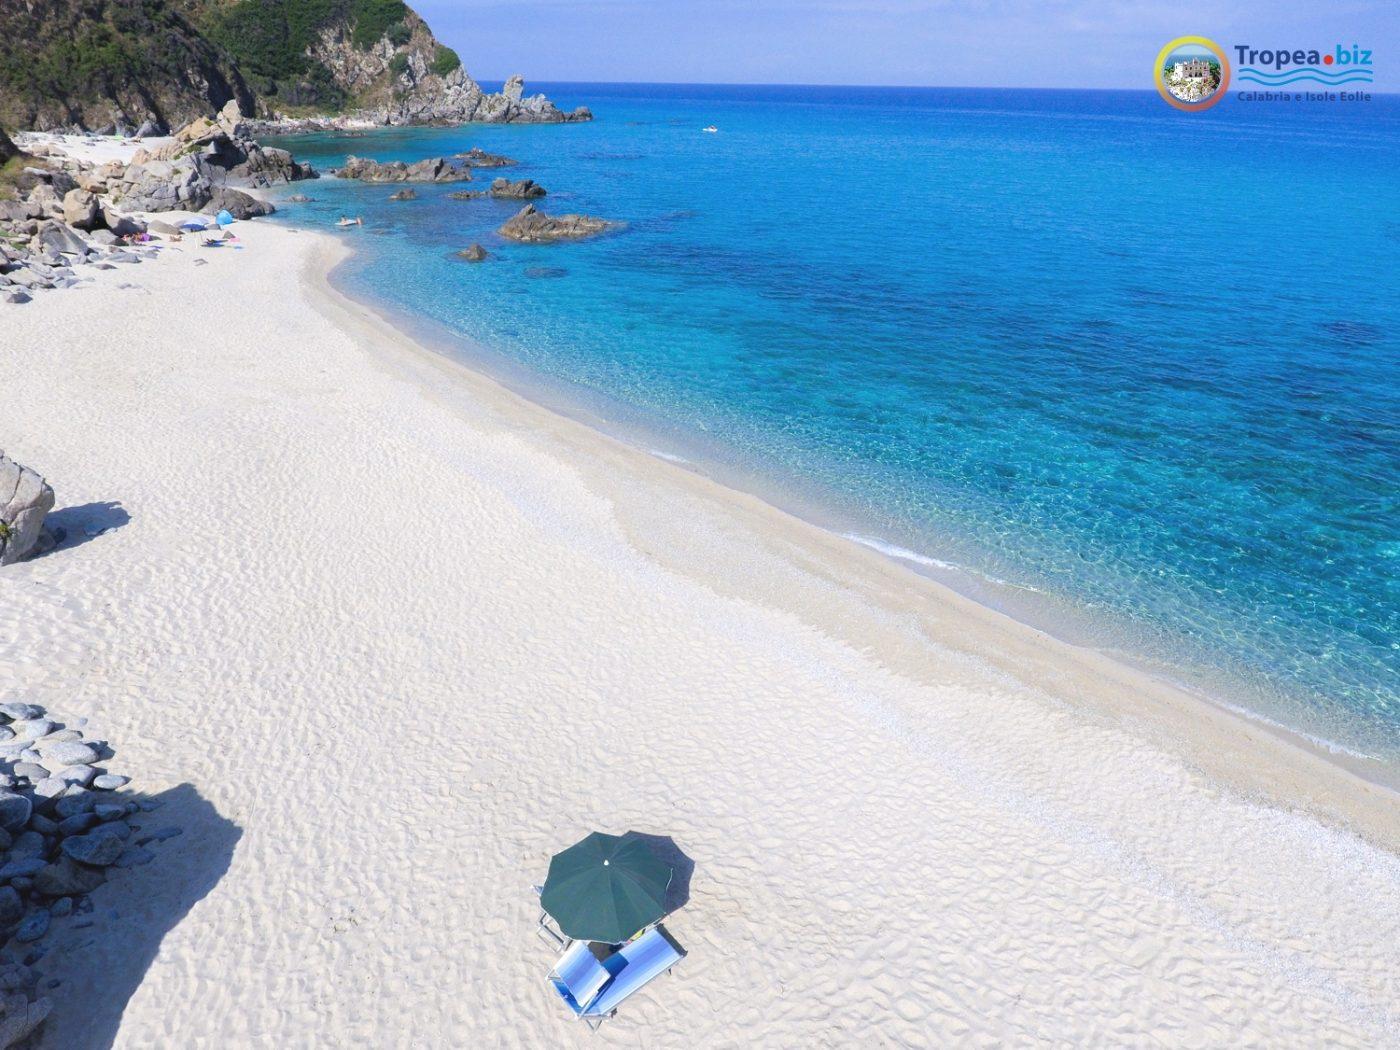 Spiaggia del Paradiso del Sub